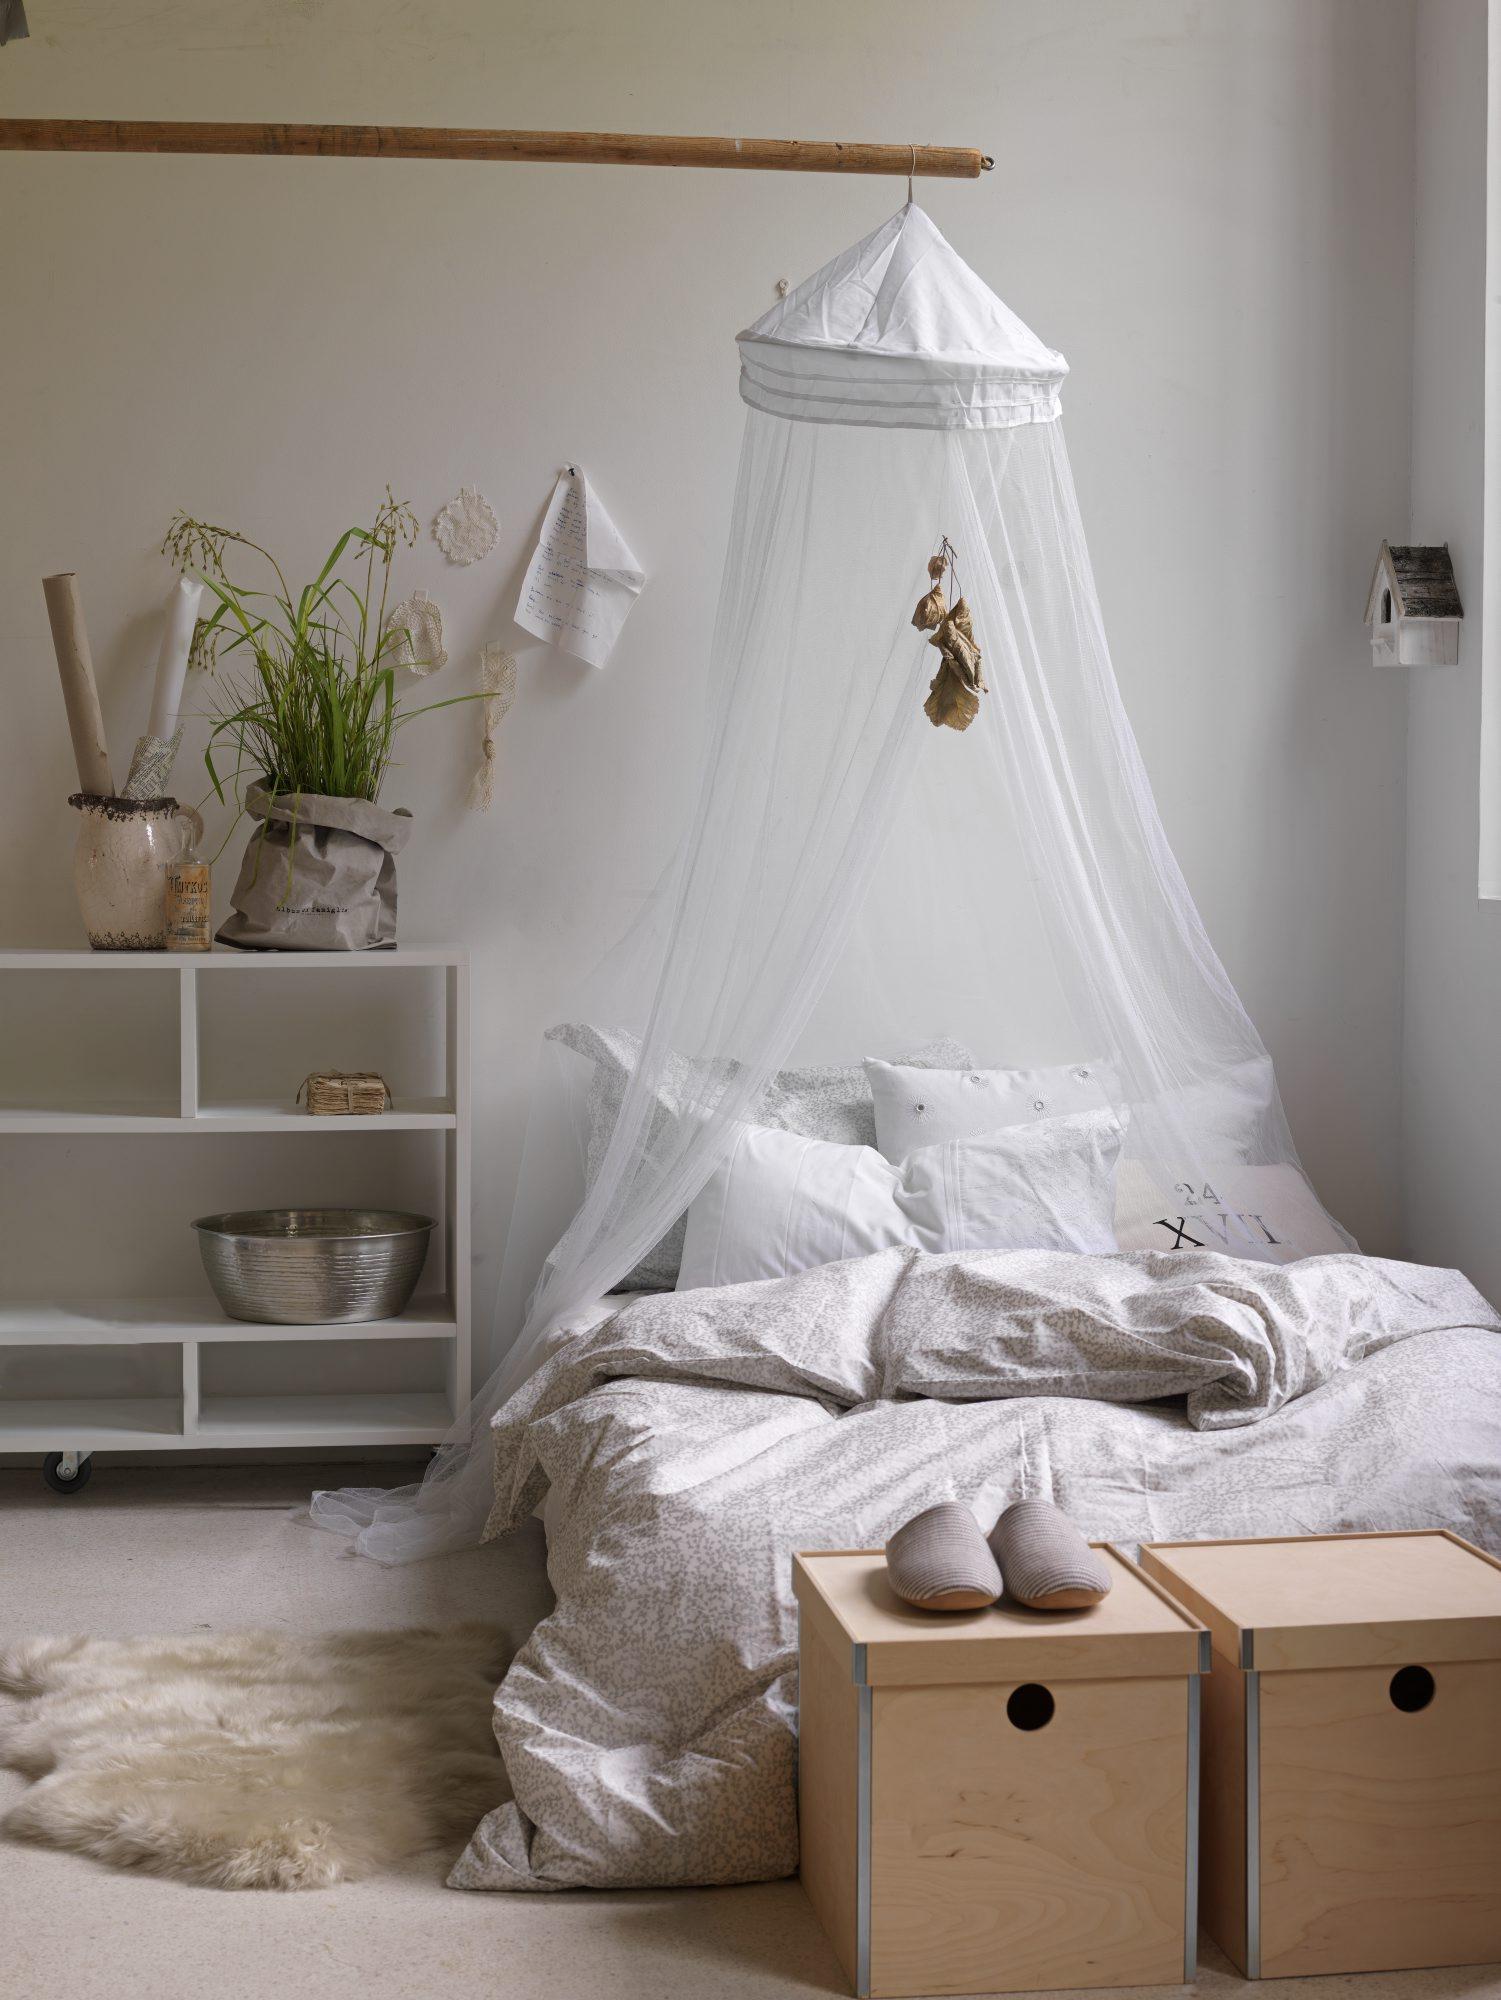 Fersk Dette bør du tenke på når du kjøper sengetøy – Rom123 KN-38